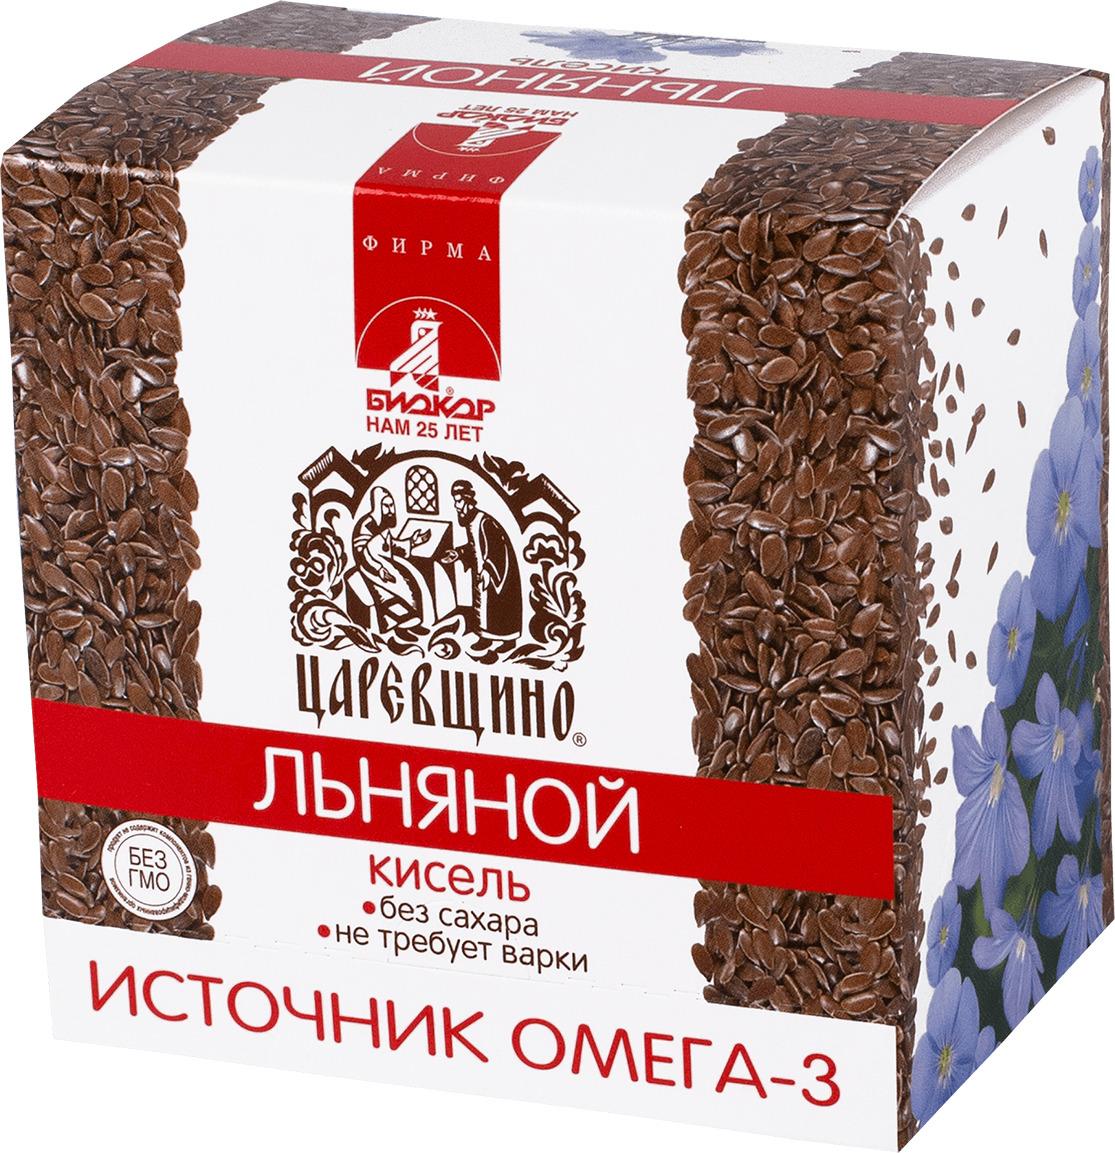 Кисель Биокор Царевщино льняной, 5 шт по 25 г